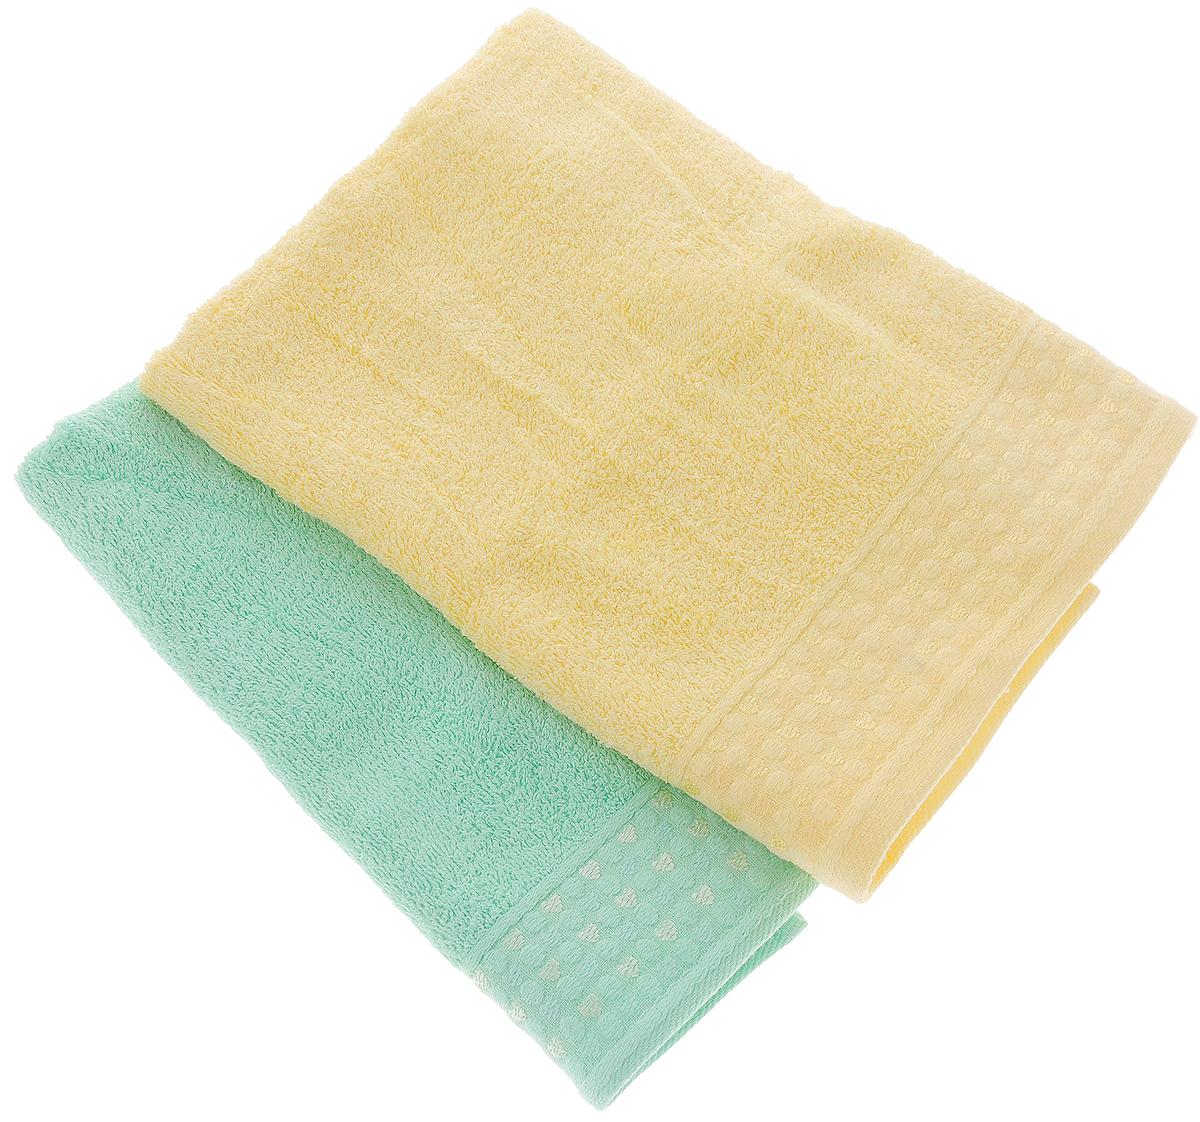 Набор полотенец Tete-a-Tete Сердечки, цвет: желтый, бирюза, 50 х 90 см, 2 шт531-105Набор Tete-a-Tete Сердечки состоит из двух махровых полотенец, выполненных из натурального 100% хлопка. Бордюр полотенец декорирован рисунком сердечек. Изделия мягкие, отлично впитывают влагу, быстро сохнут, сохраняют яркость цвета и не теряют форму даже после многократных стирок. Полотенца Tete-a-Tete Сердечки очень практичны и неприхотливы в уходе. Они легко впишутся в любой интерьер благодаря своей нежной цветовой гамме. Набор упакован в красивую коробку и может послужить отличной идеей подарка.Размер полотенец: 50 х 90 см.